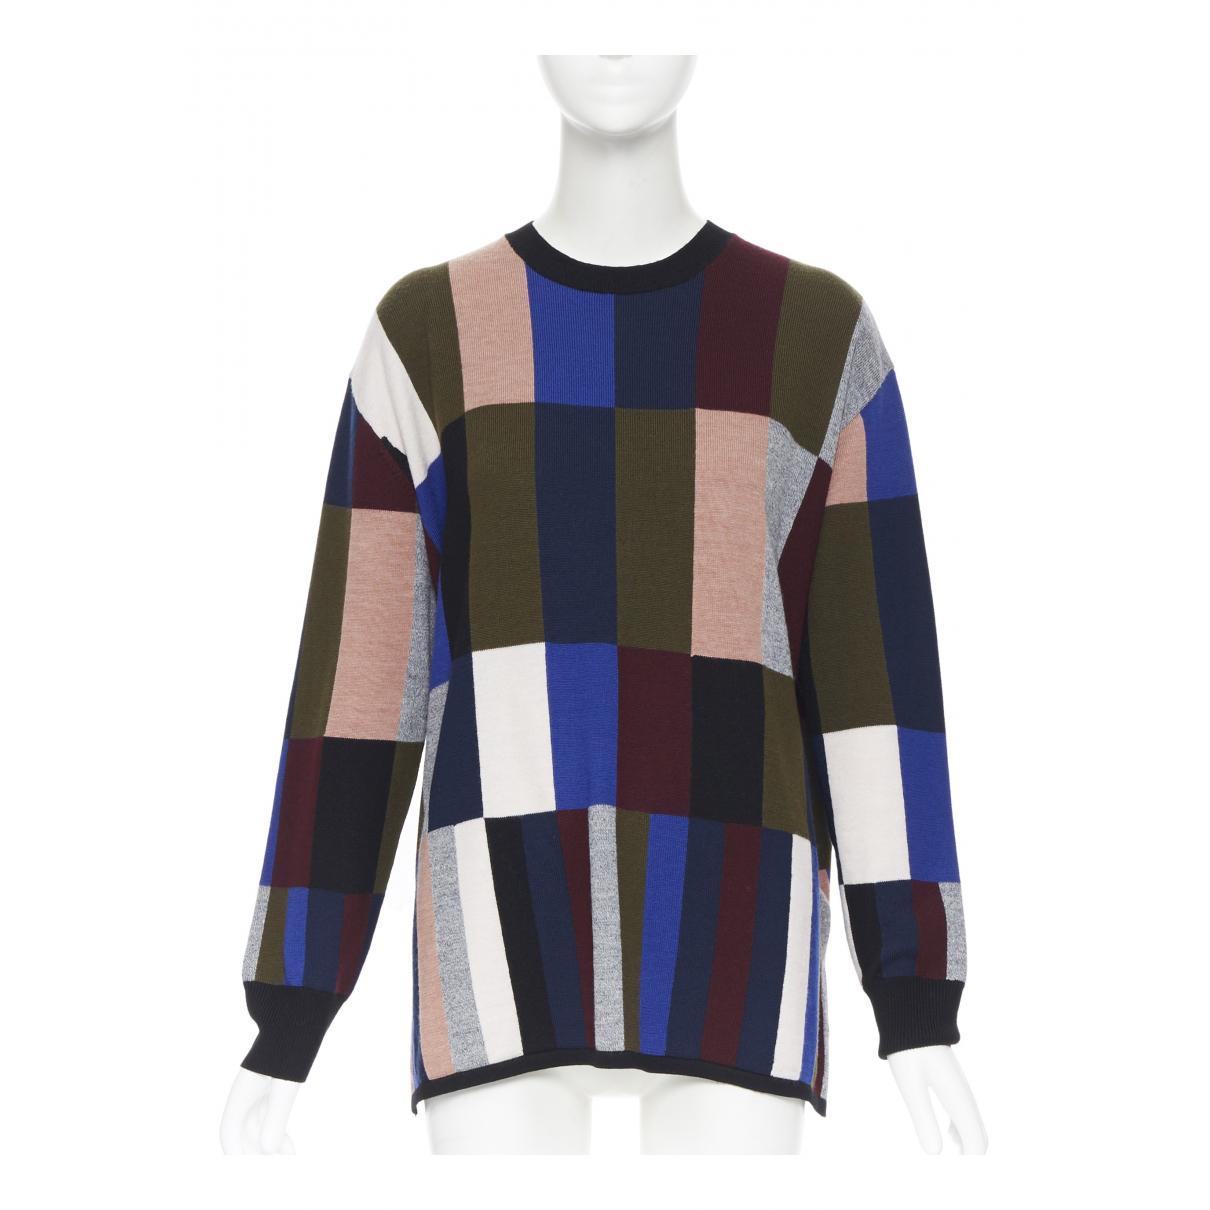 Victoria Beckham - Pull   pour femme en laine - multicolore